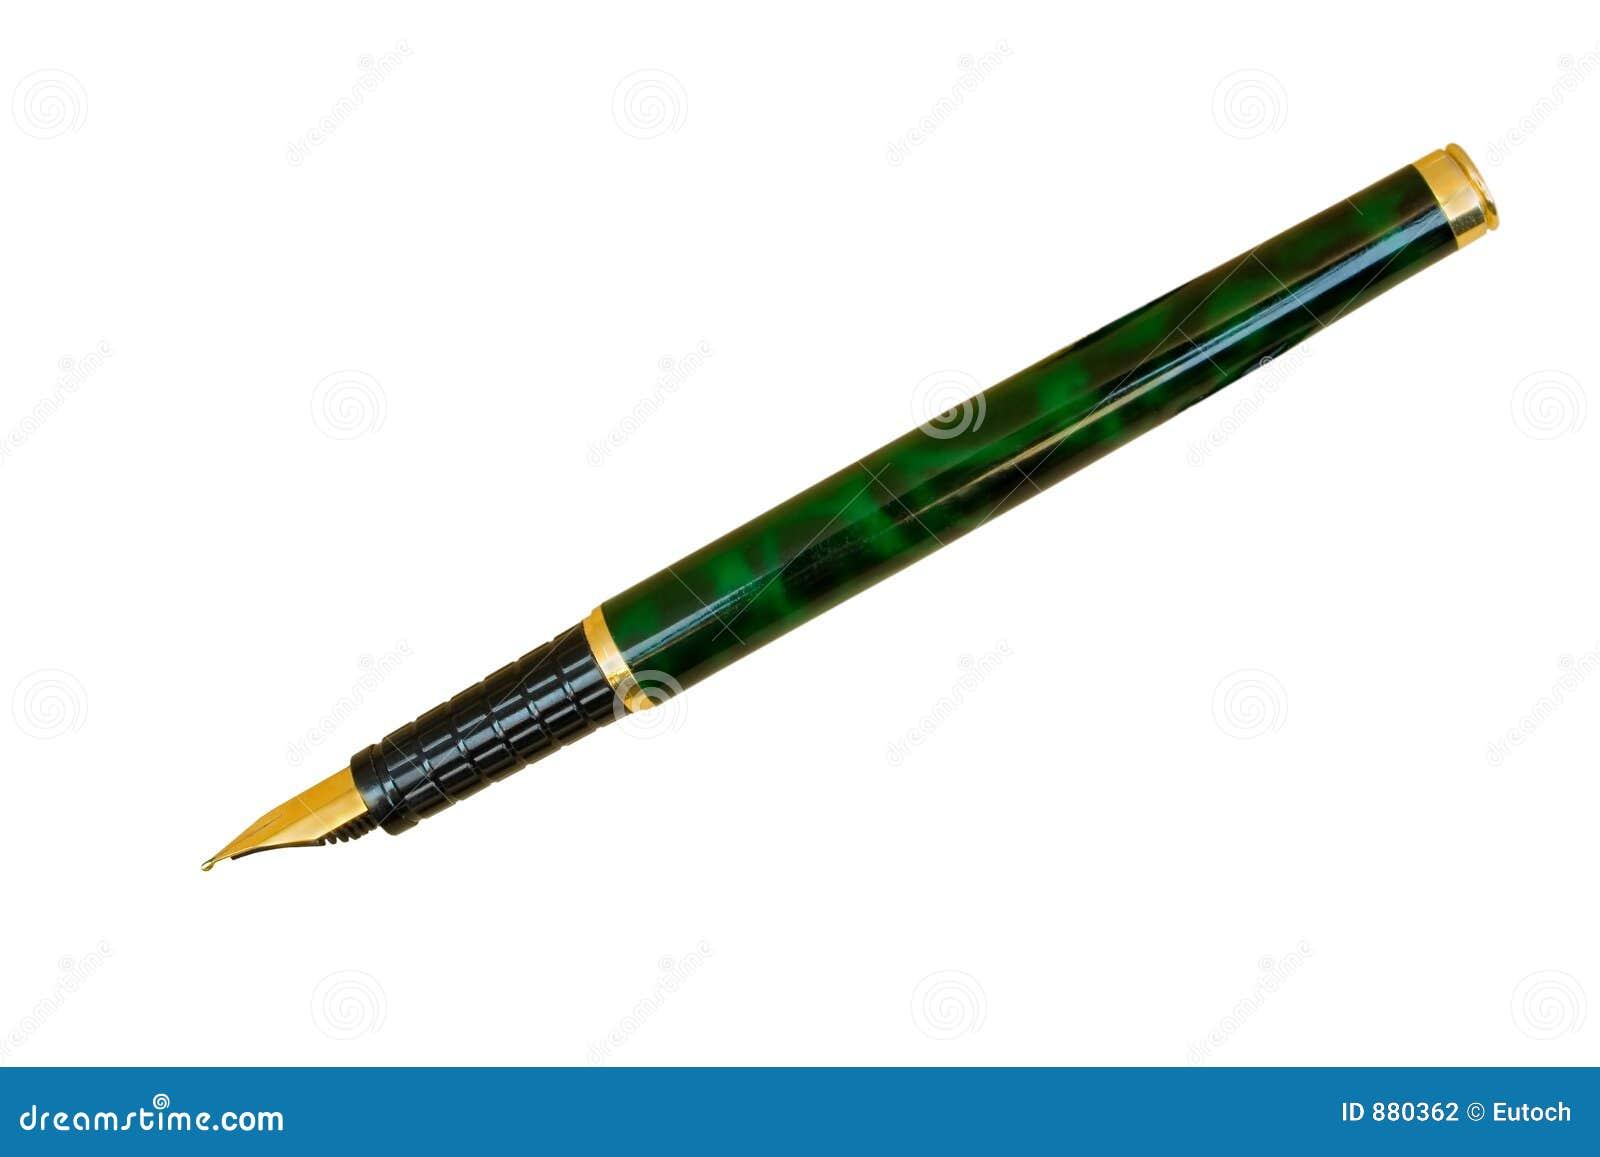 Wielki ser długopis.